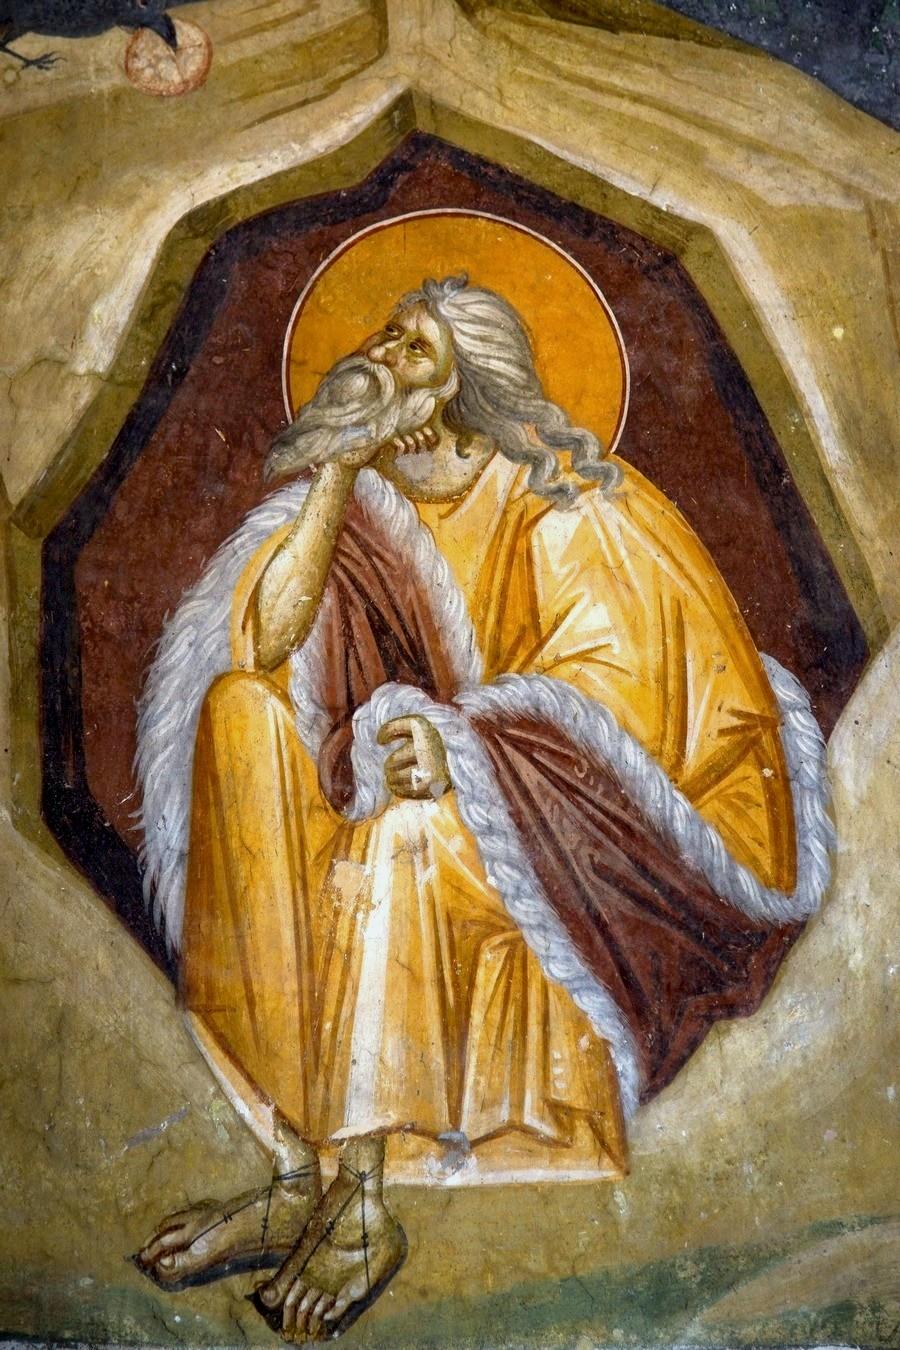 Святой Пророк Божий Илия в пустыне. Фреска монастыря Грачаница, Косово и Метохия, Сербия. Около 1320 года.